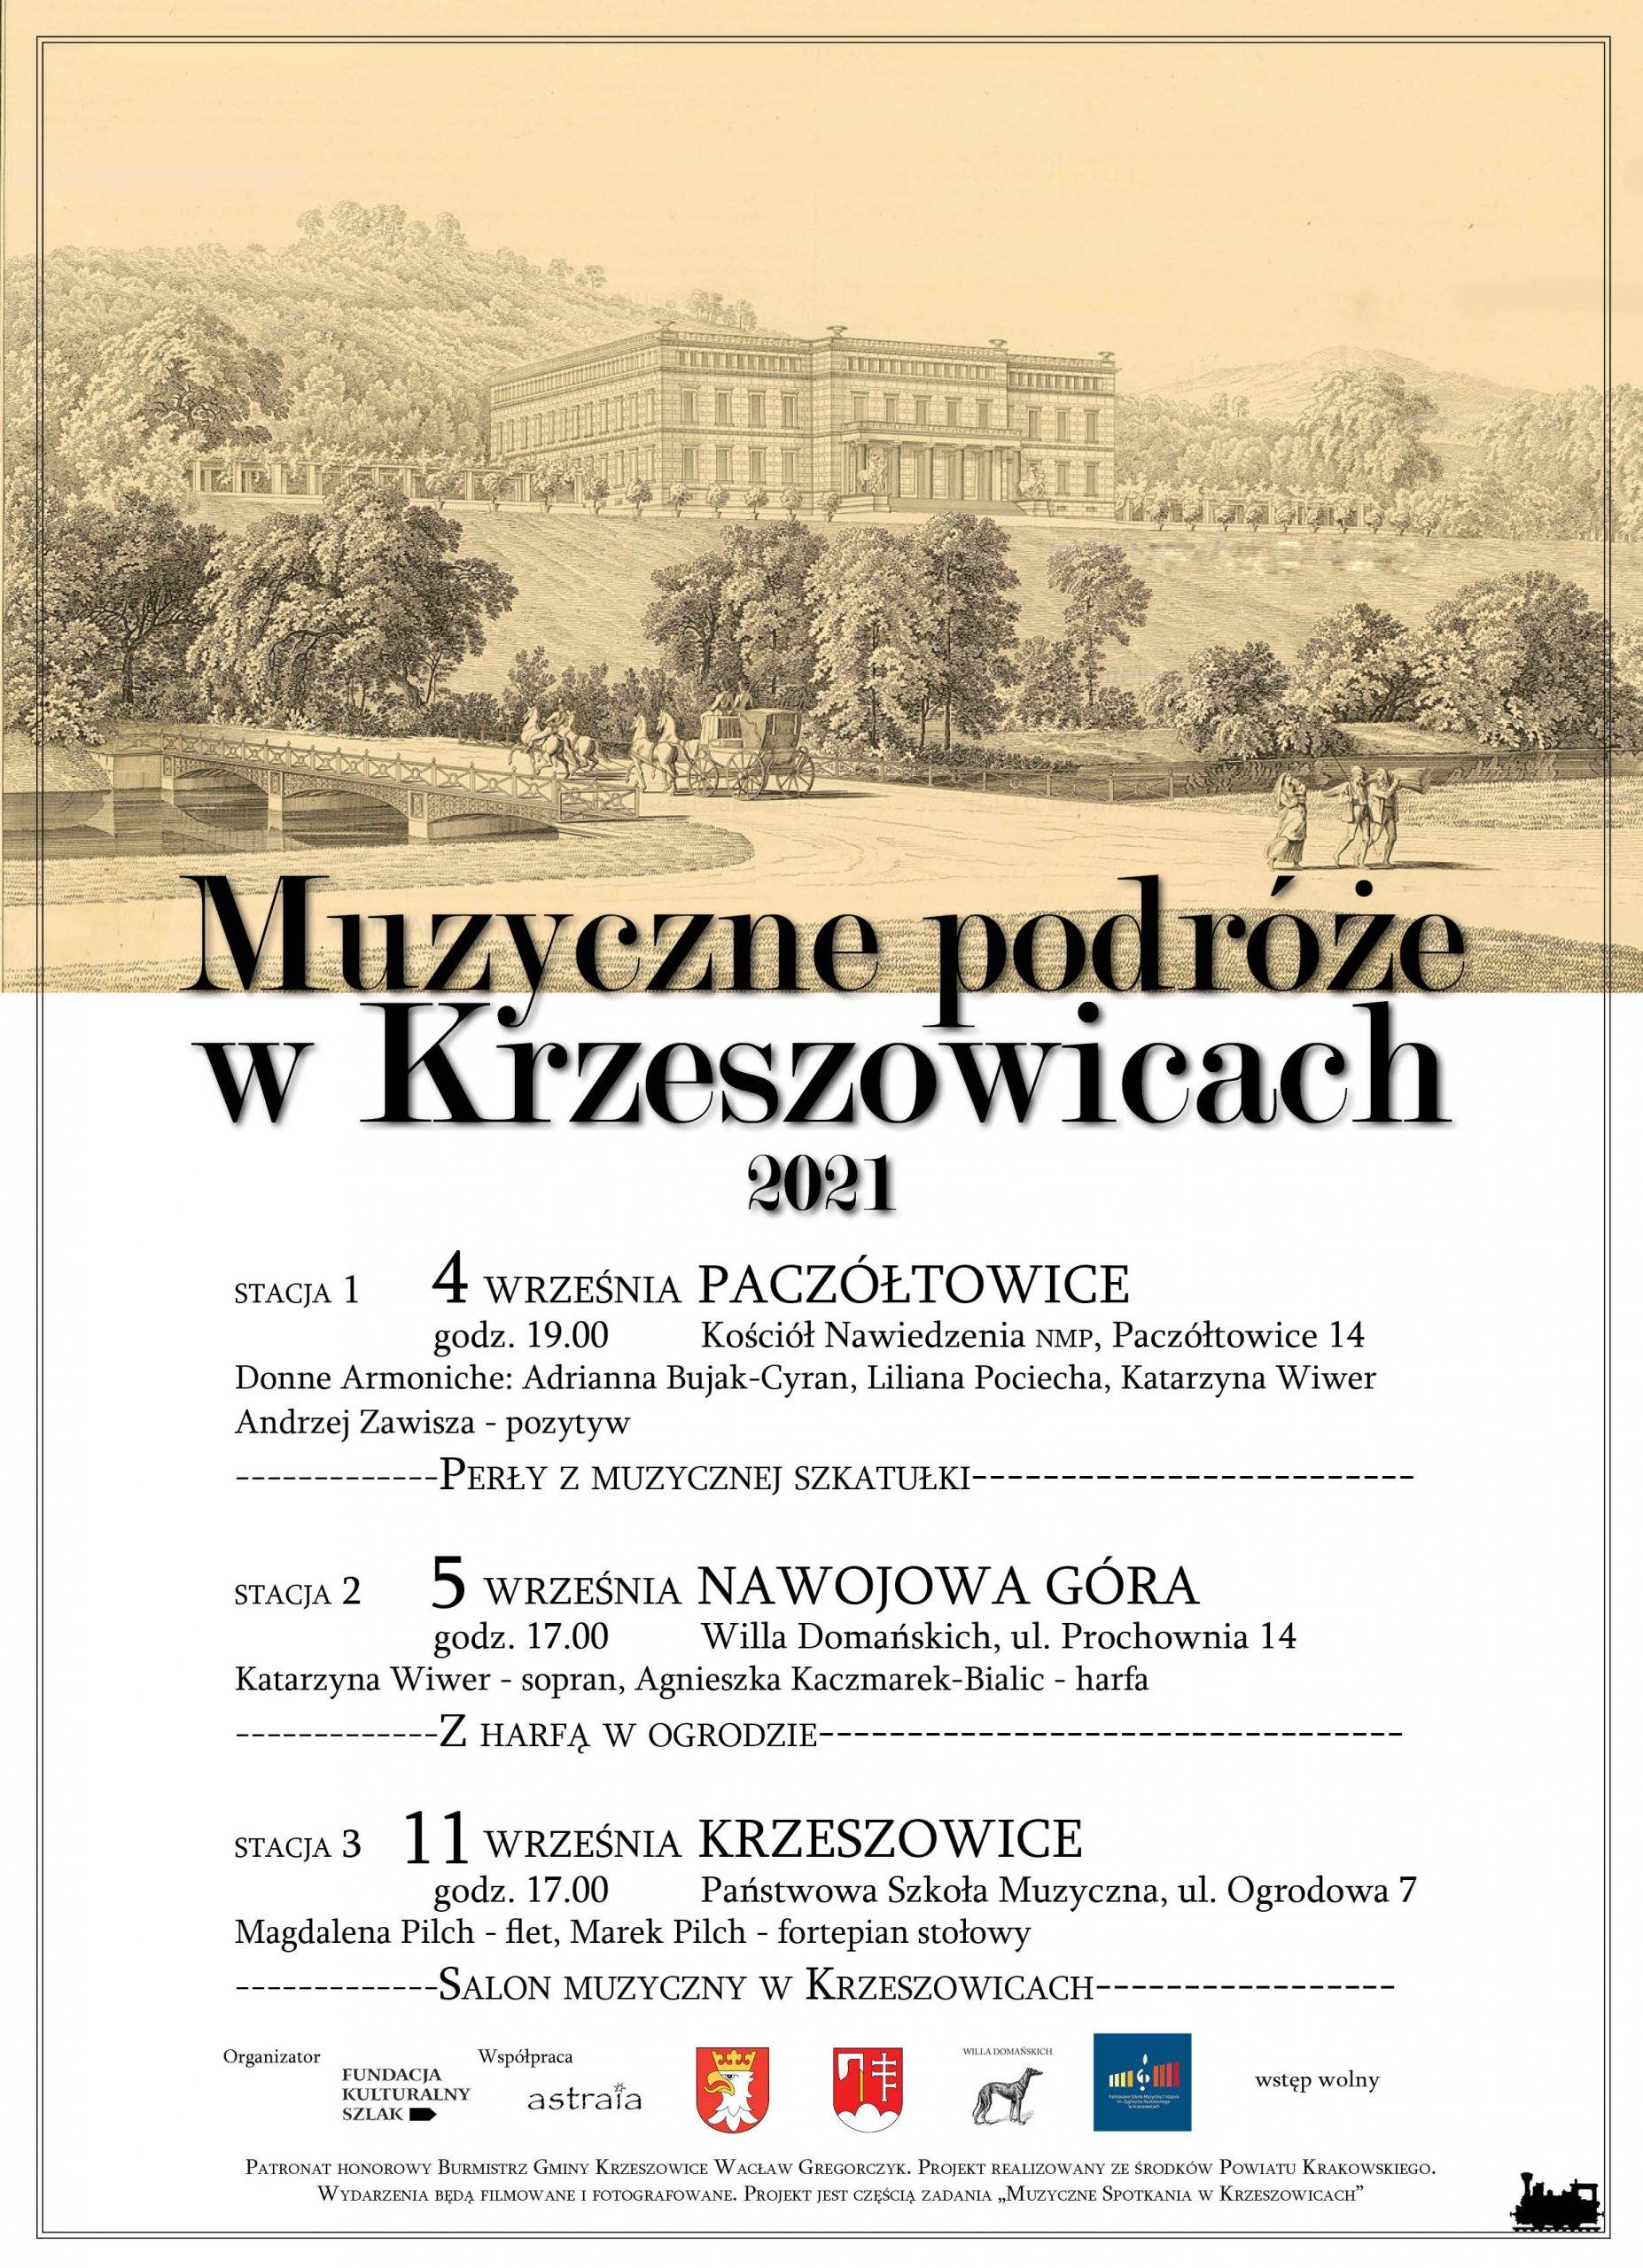 Muzyczne podróże w Krzeszowicach 2021